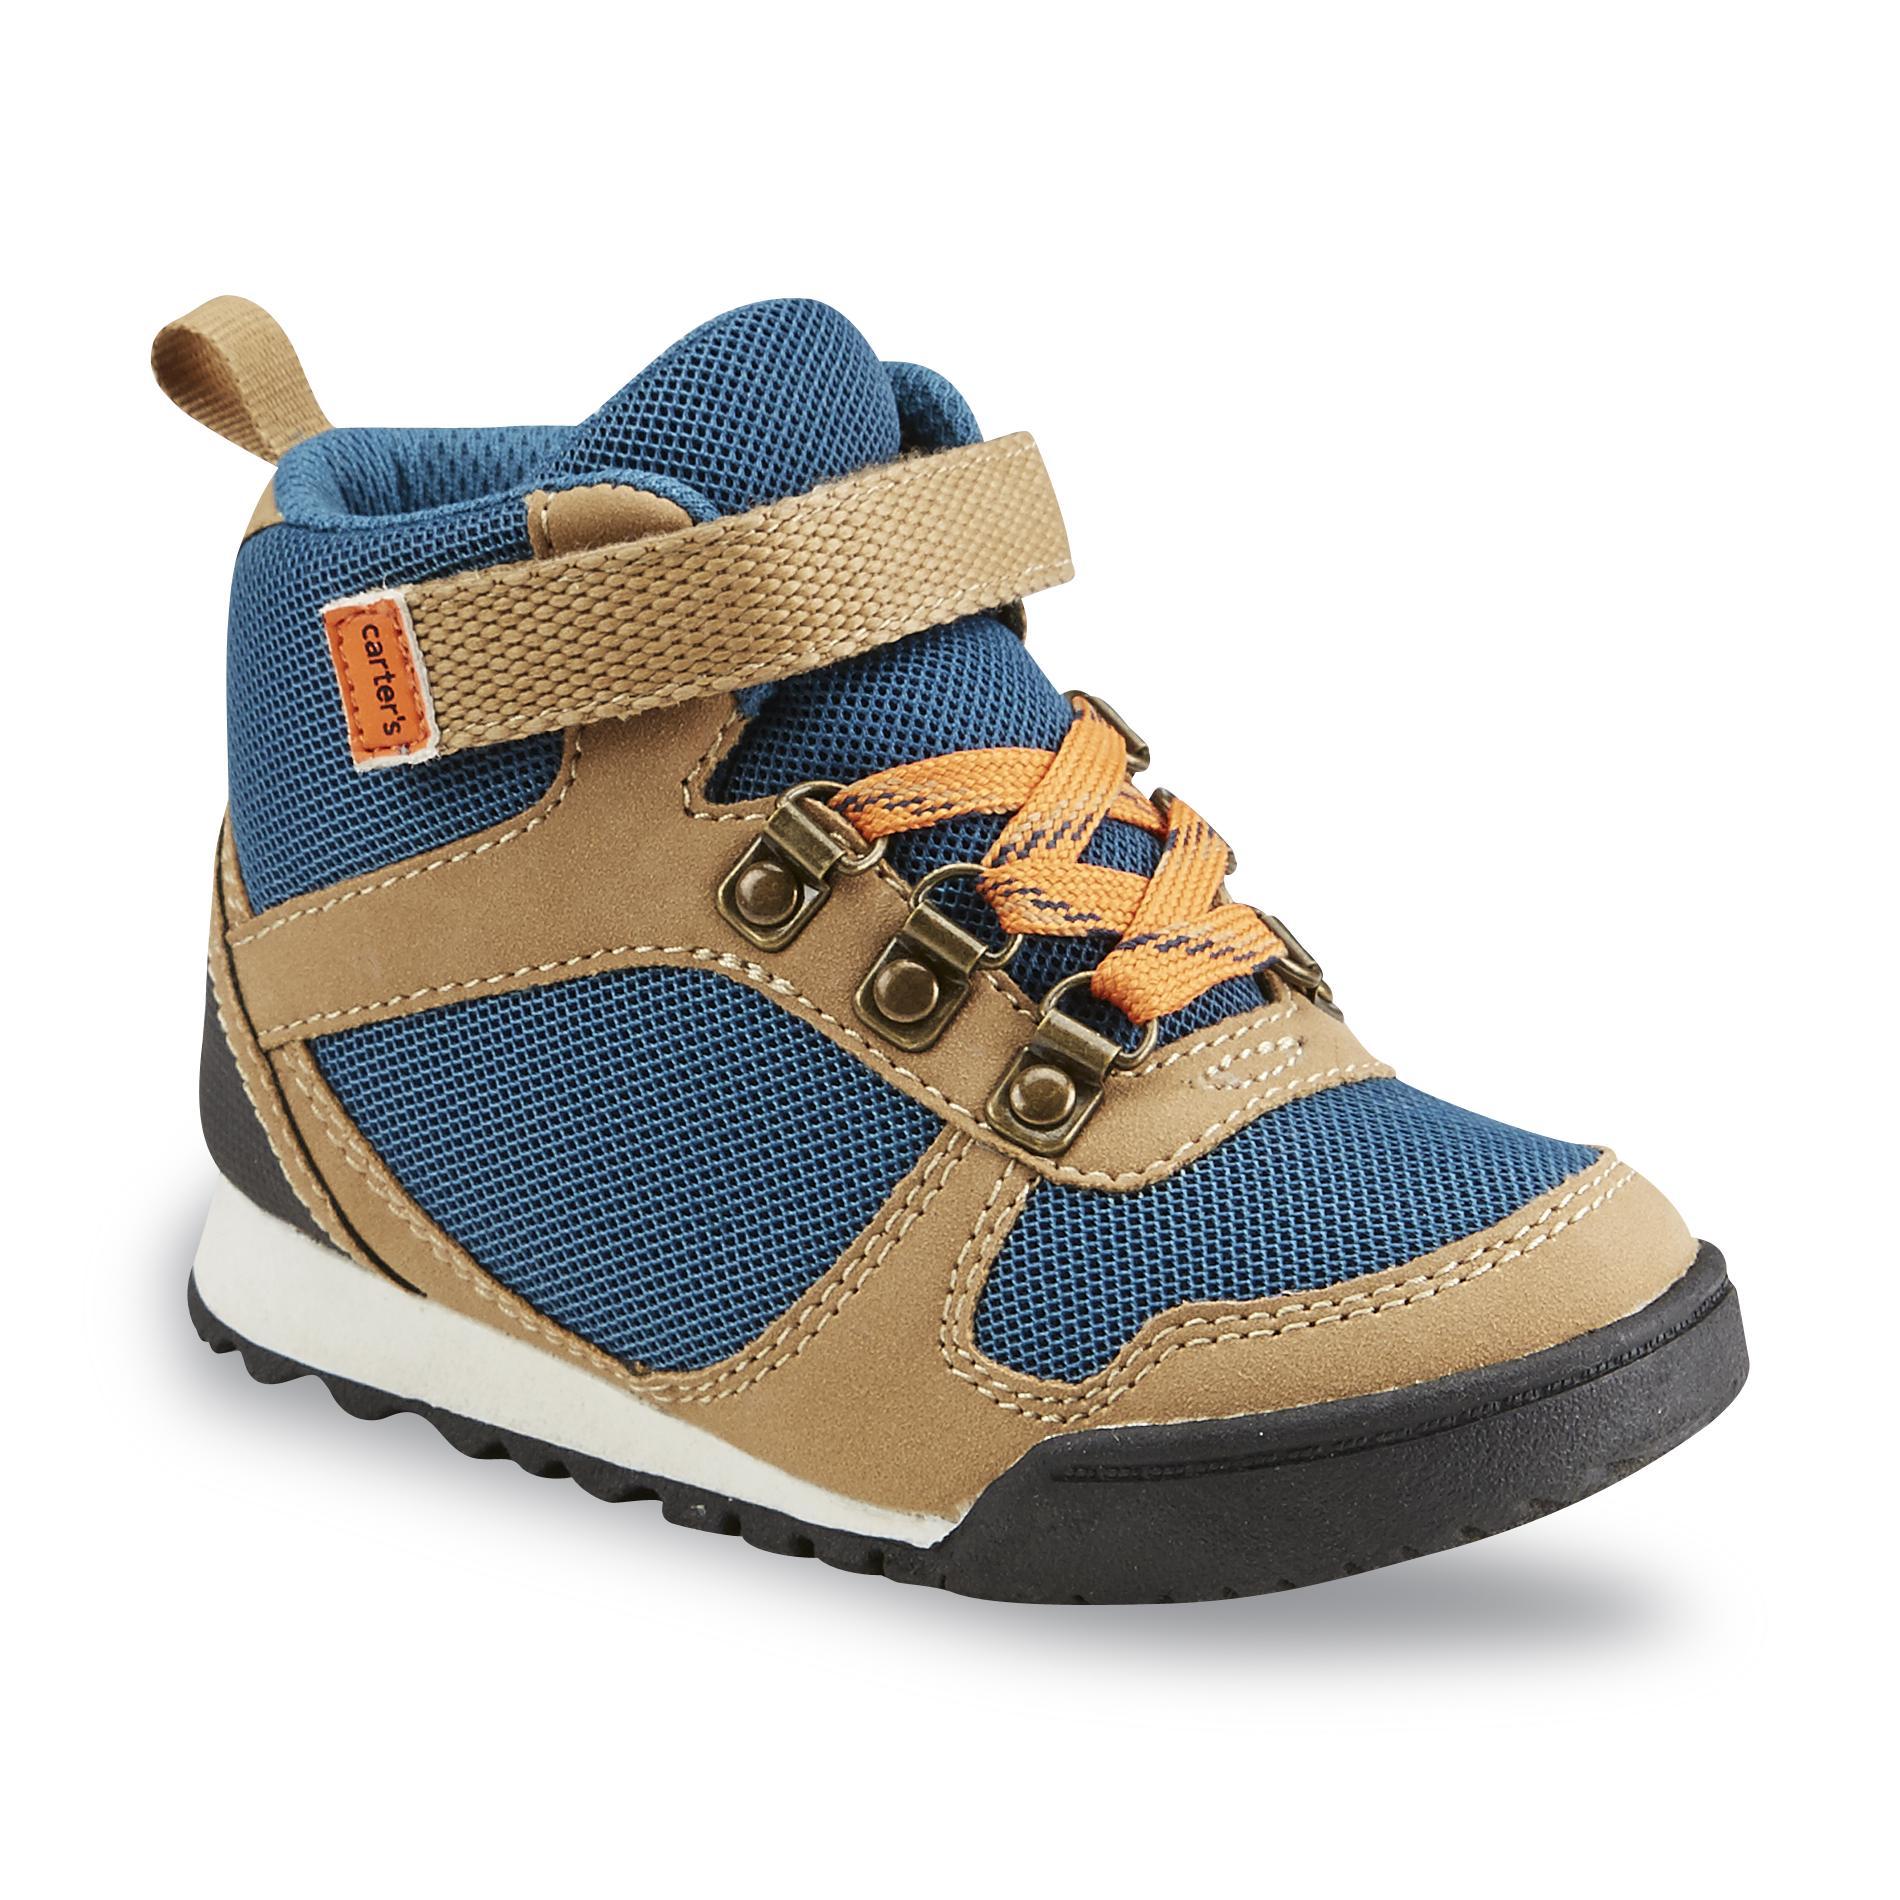 Carter's Toddler Boy's Emin 2 Green/Brown/Orange High-Top Shoe